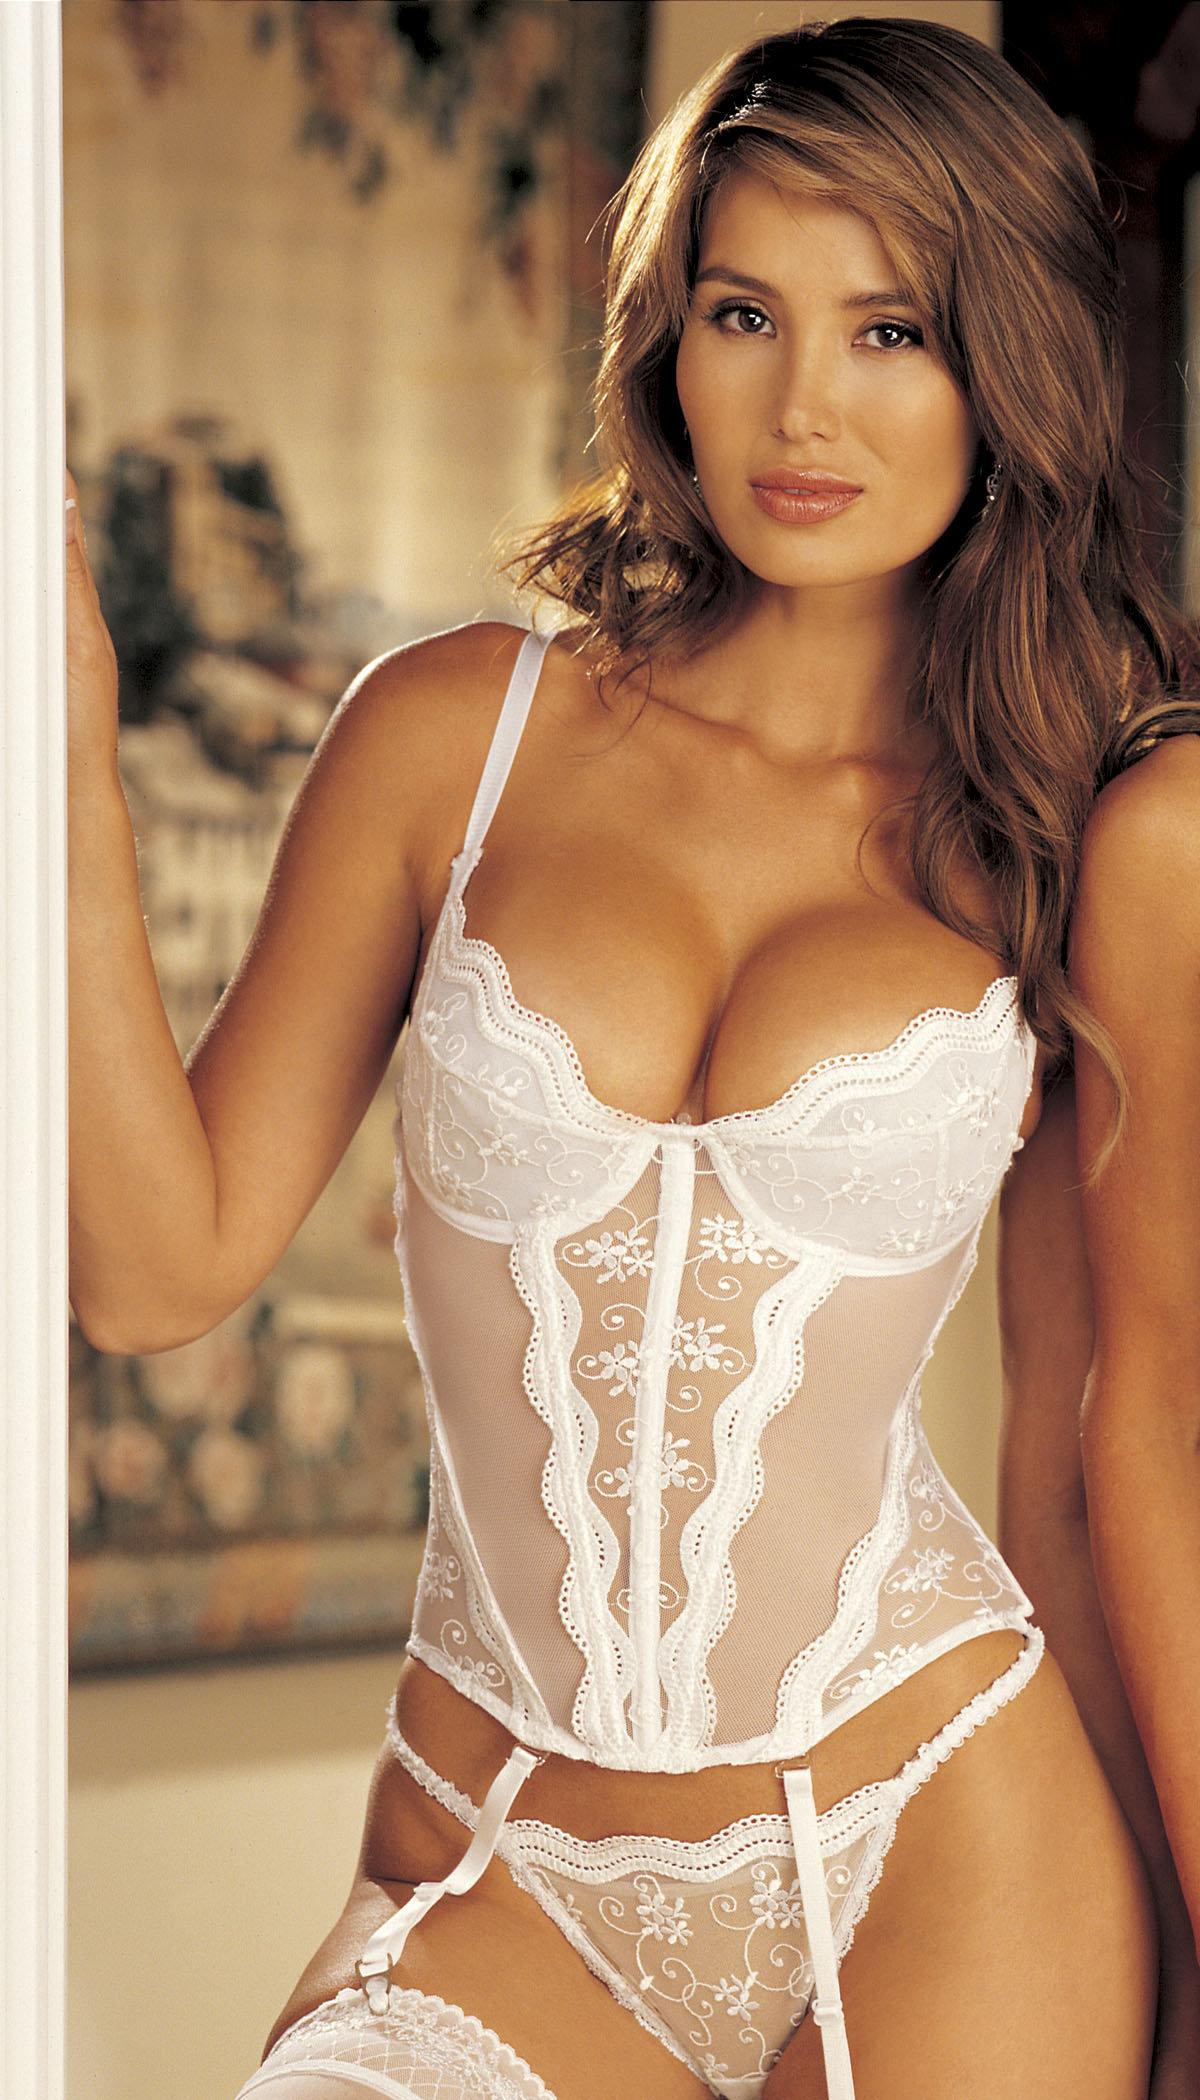 Красивое белье для свадьбы онлайн, пацаны кто пробовал давать в зад